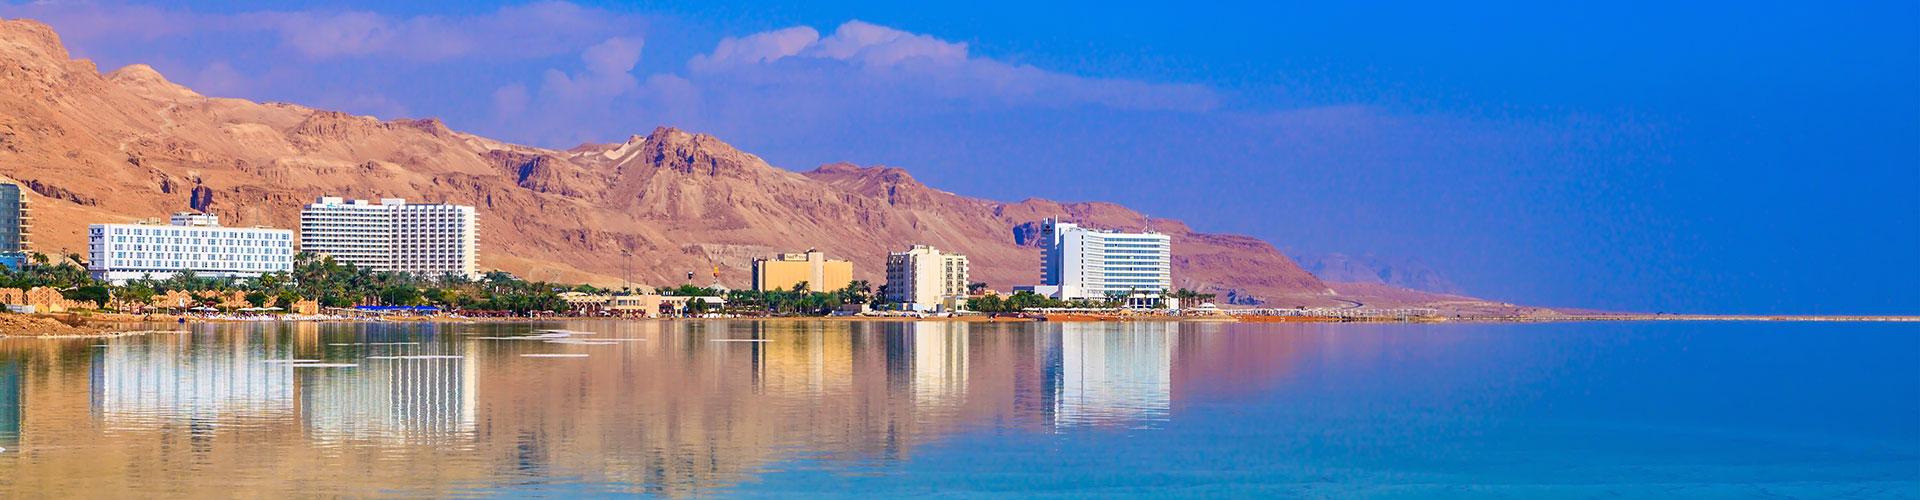 Séjour en hôtel à la Mer Morte